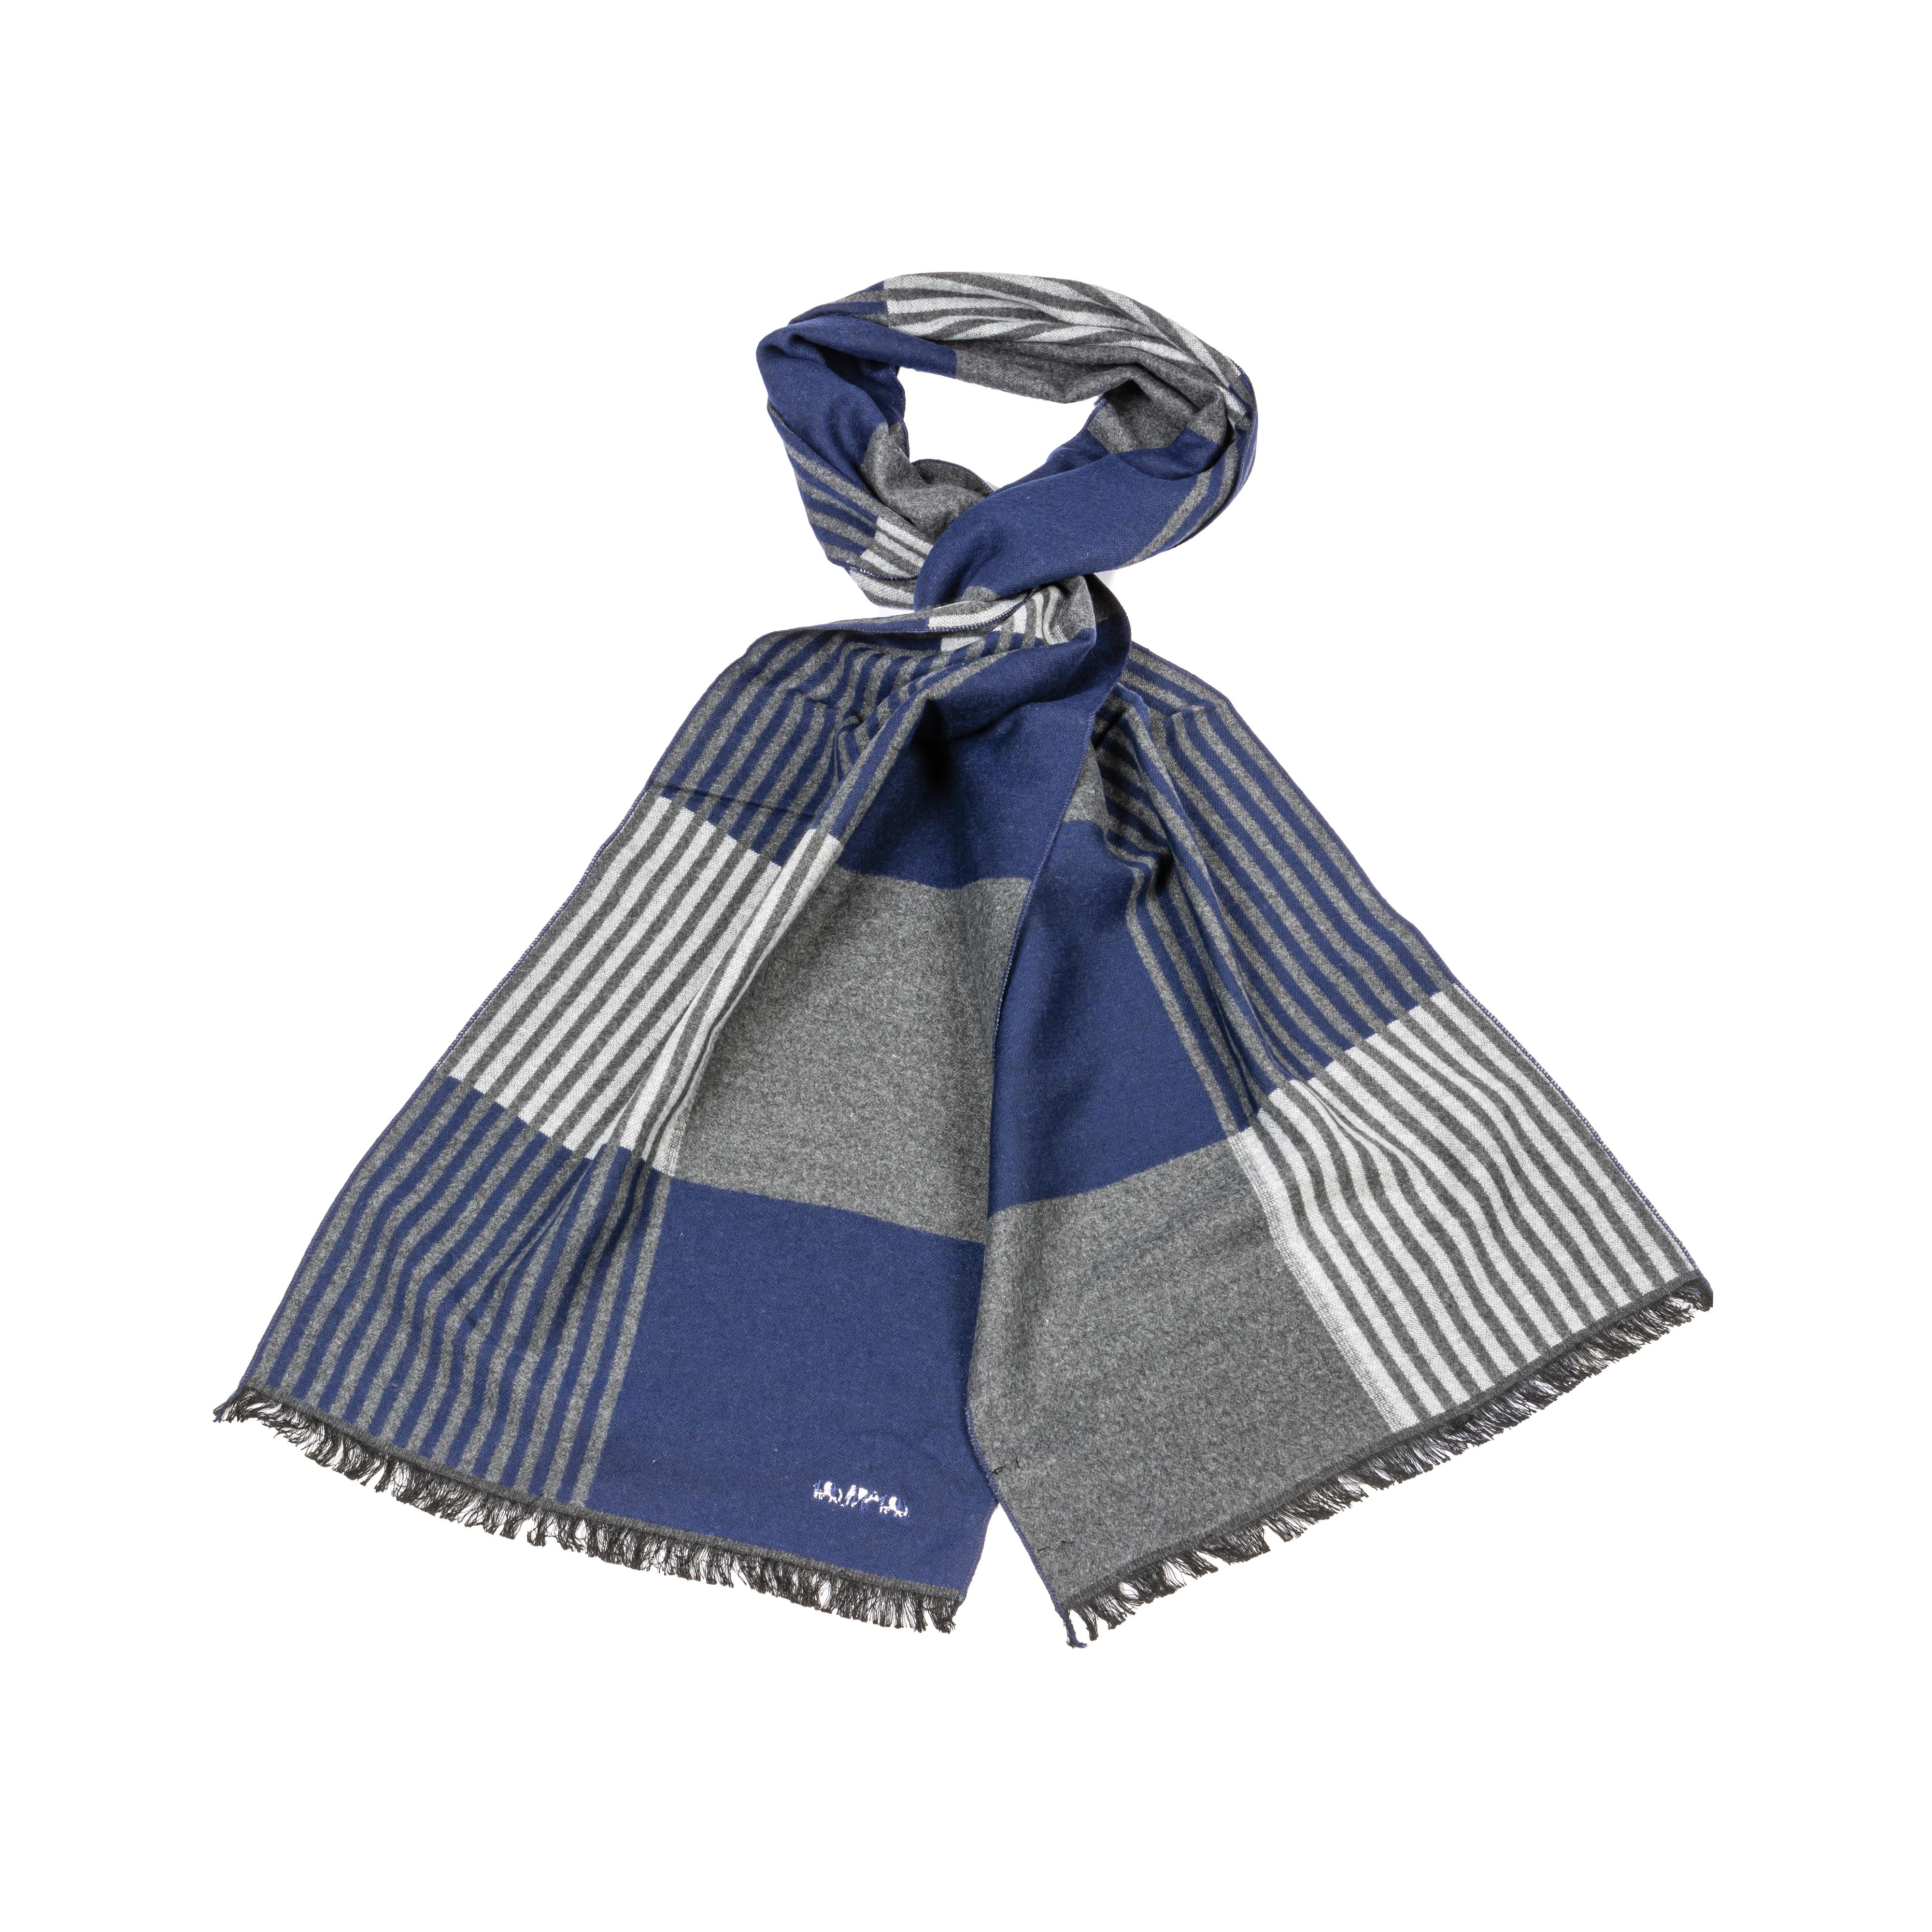 Echarpe  à carreaux et rayures bleu marine et grise